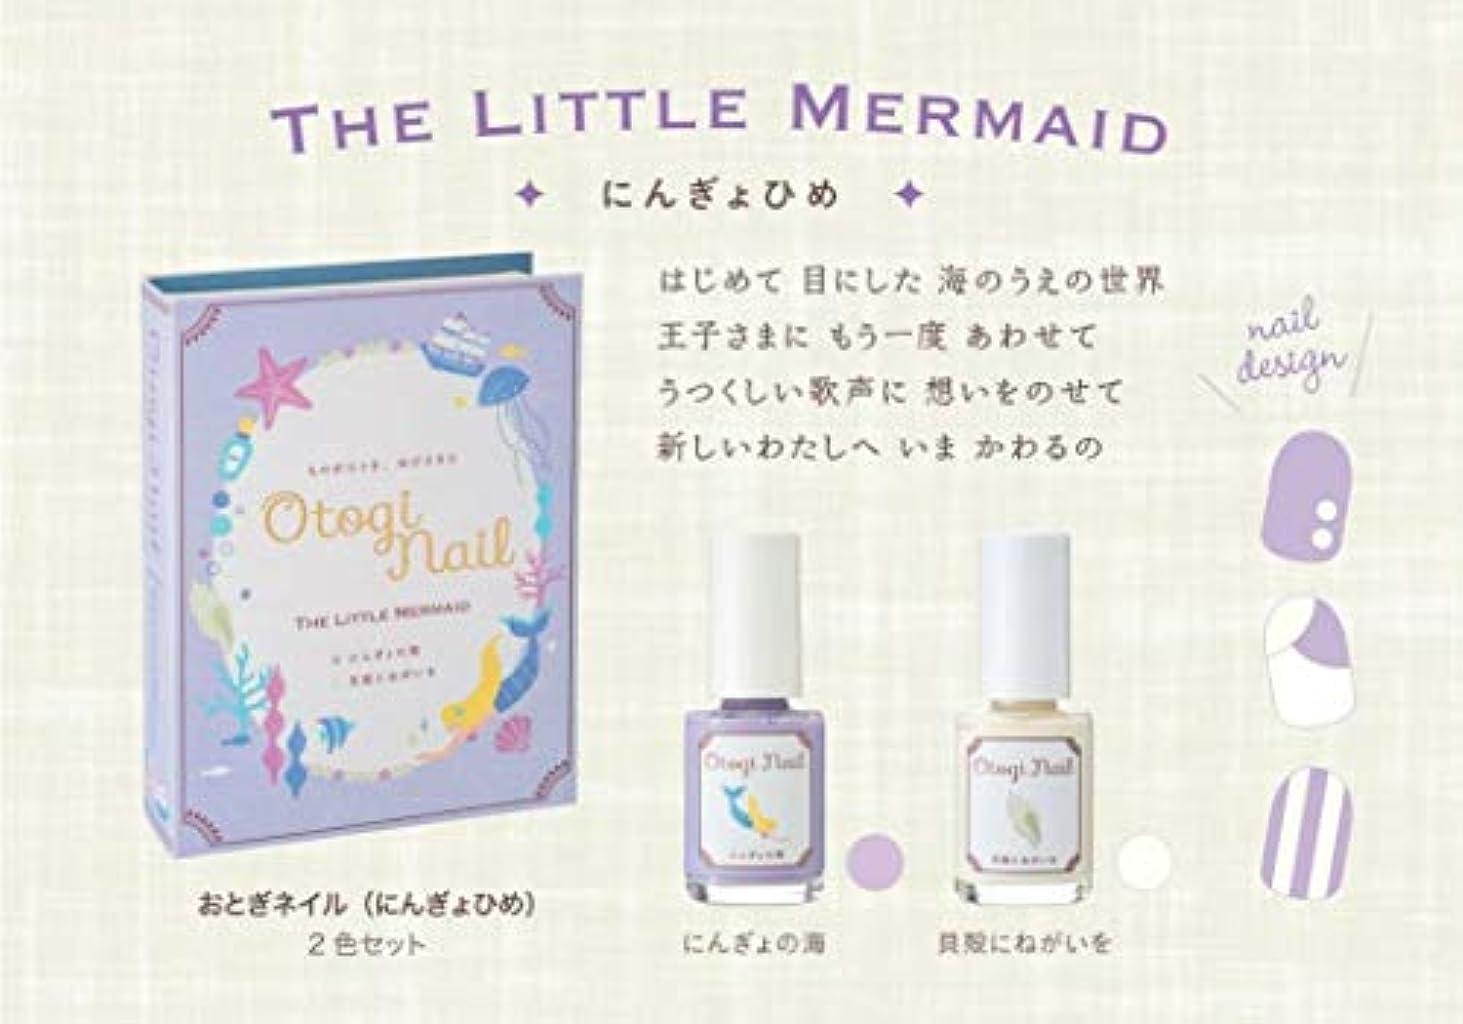 戦艦どこ安定Otogi Nail THE LITTLE MERMAID (にんぎょひめ) 2色セット